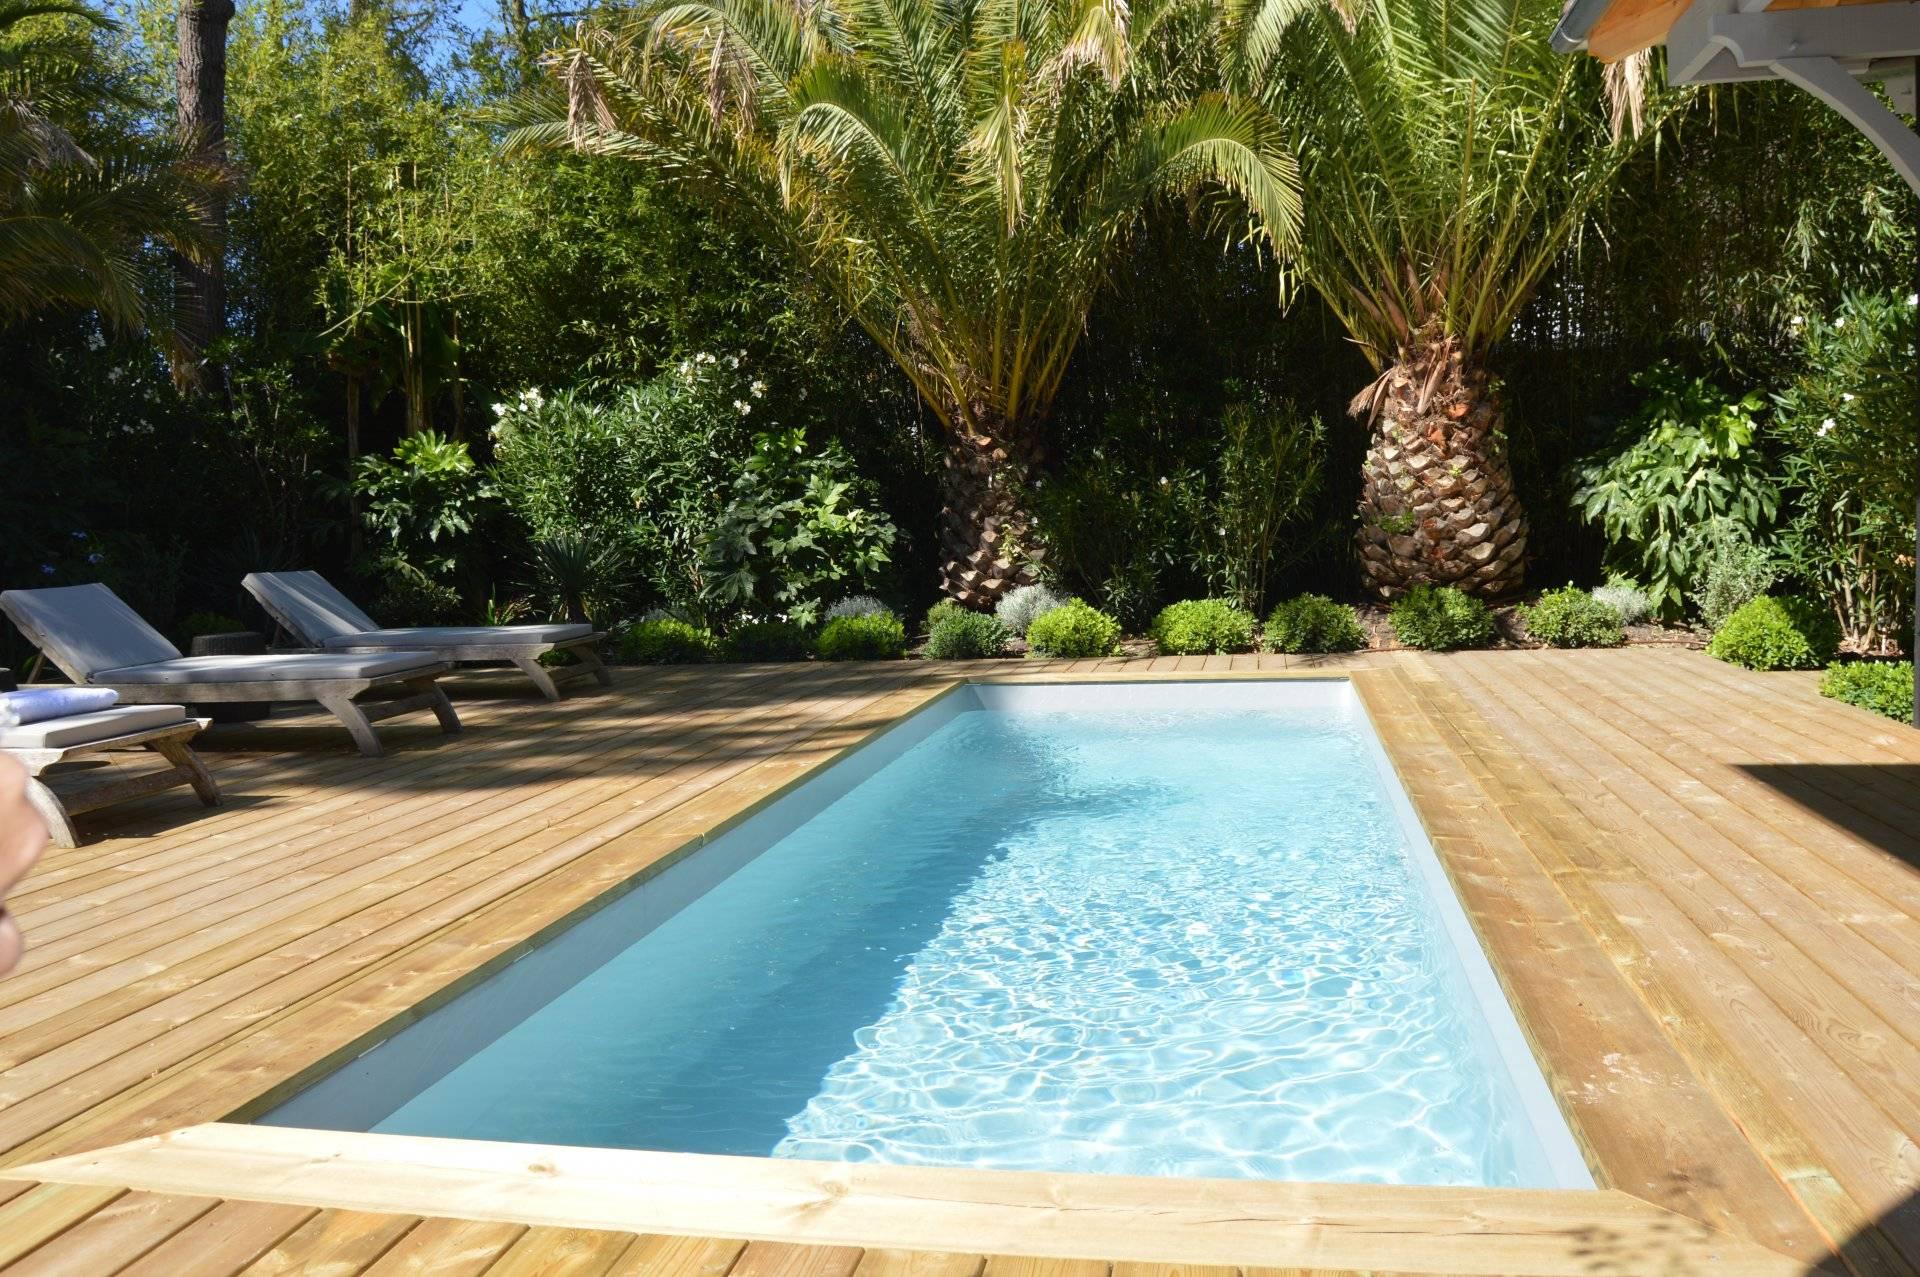 Villa neuve en bois à vendre CAP FERRET VILLAGE